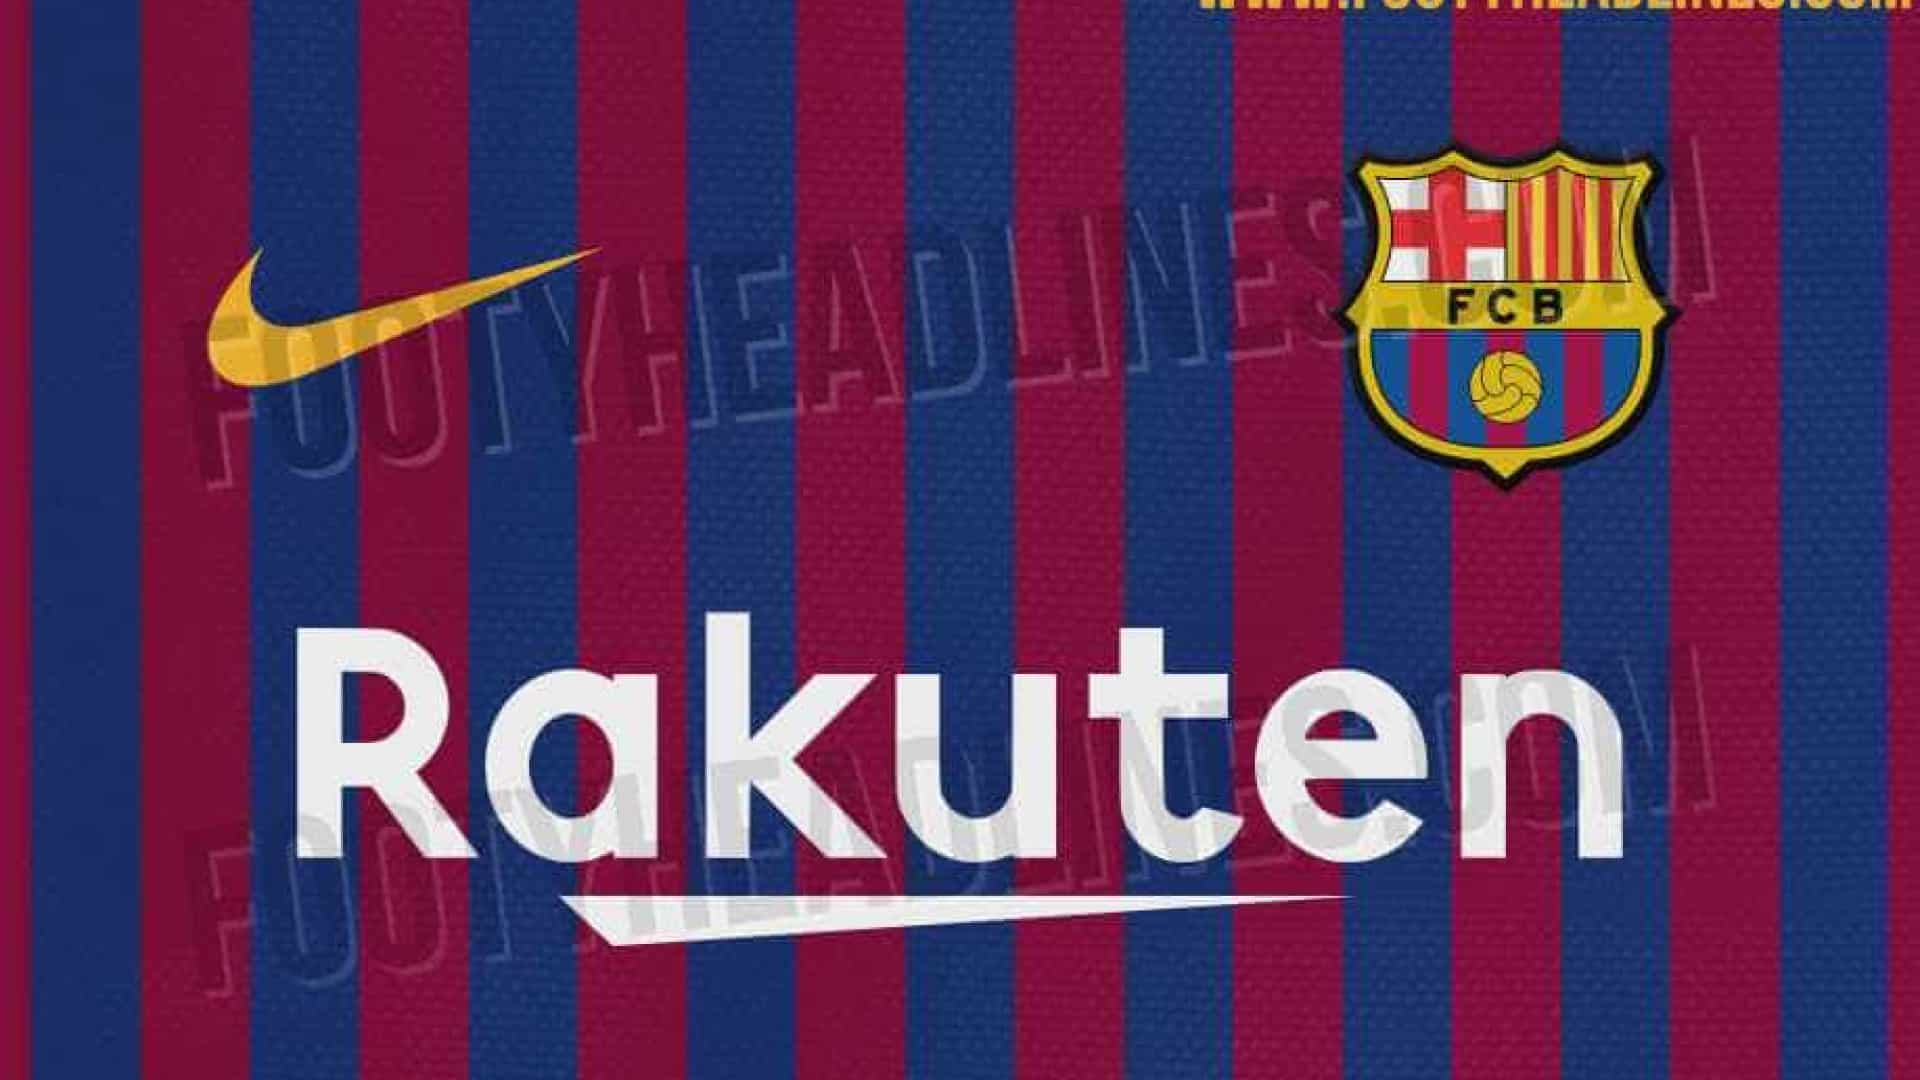 Site vaza suposta camisa do Barcelona para a próxima temporada; confira